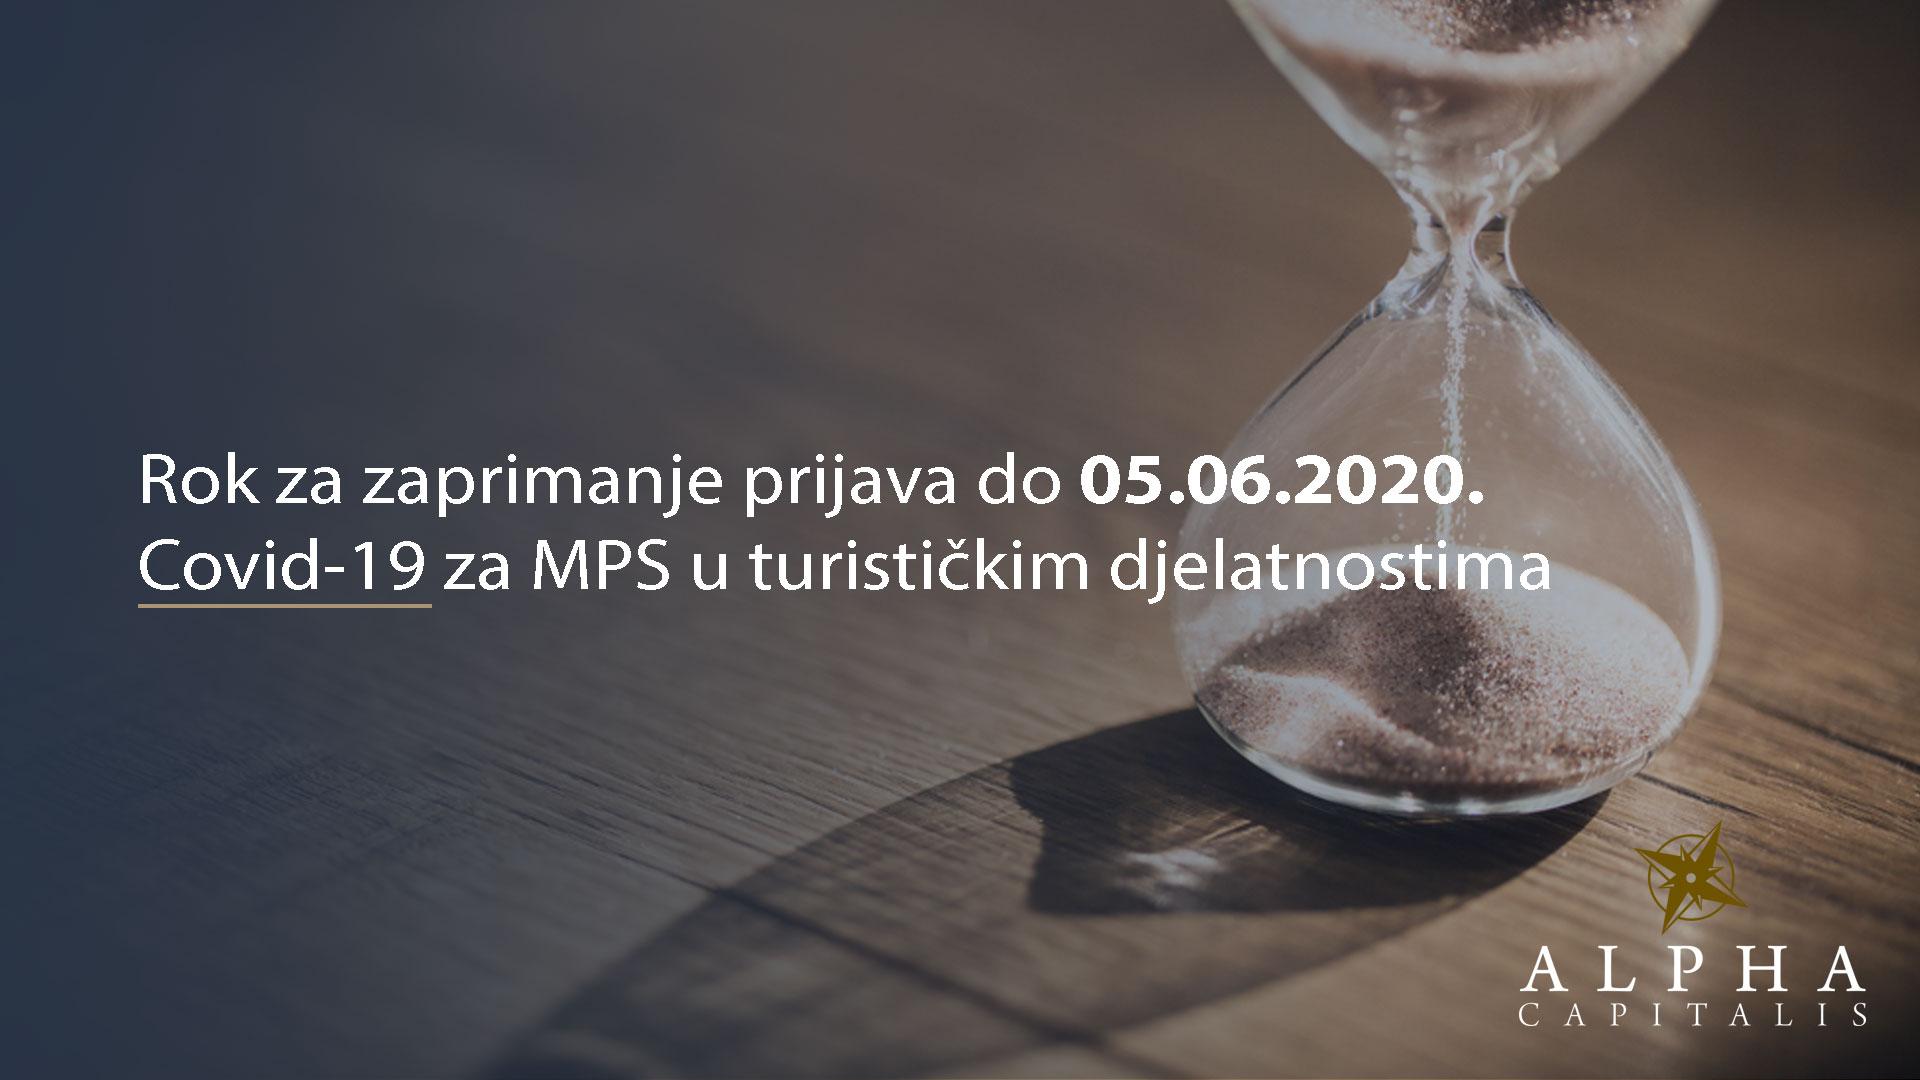 Alpha-capitalis-novosti-hbor-turističke-djelatnosti